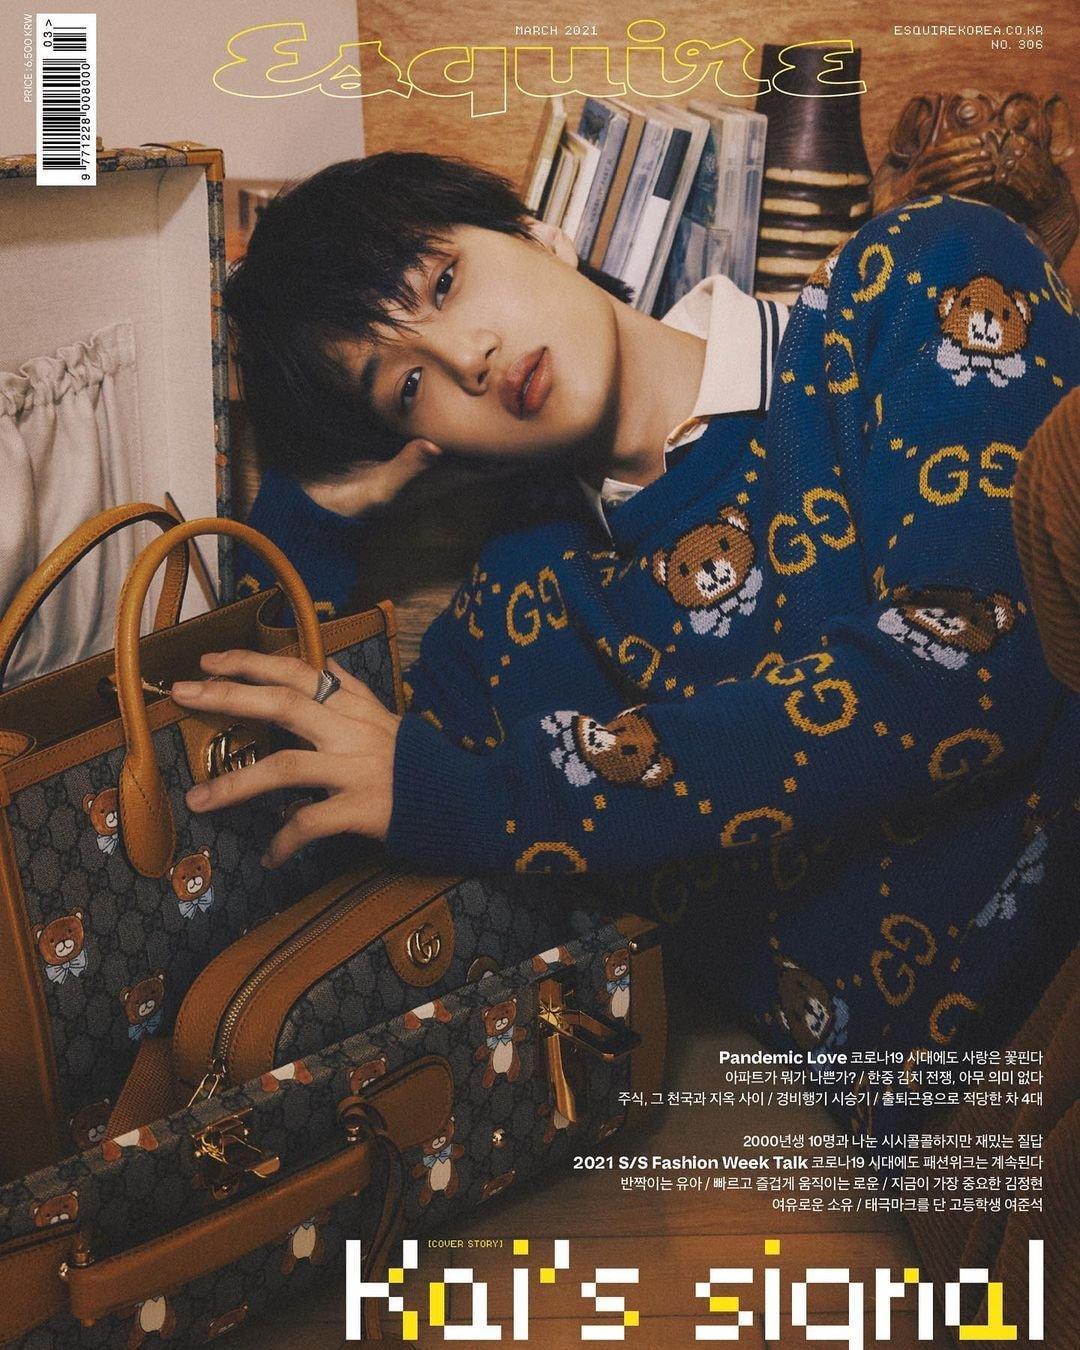 esquire.korea_20210219_2.png